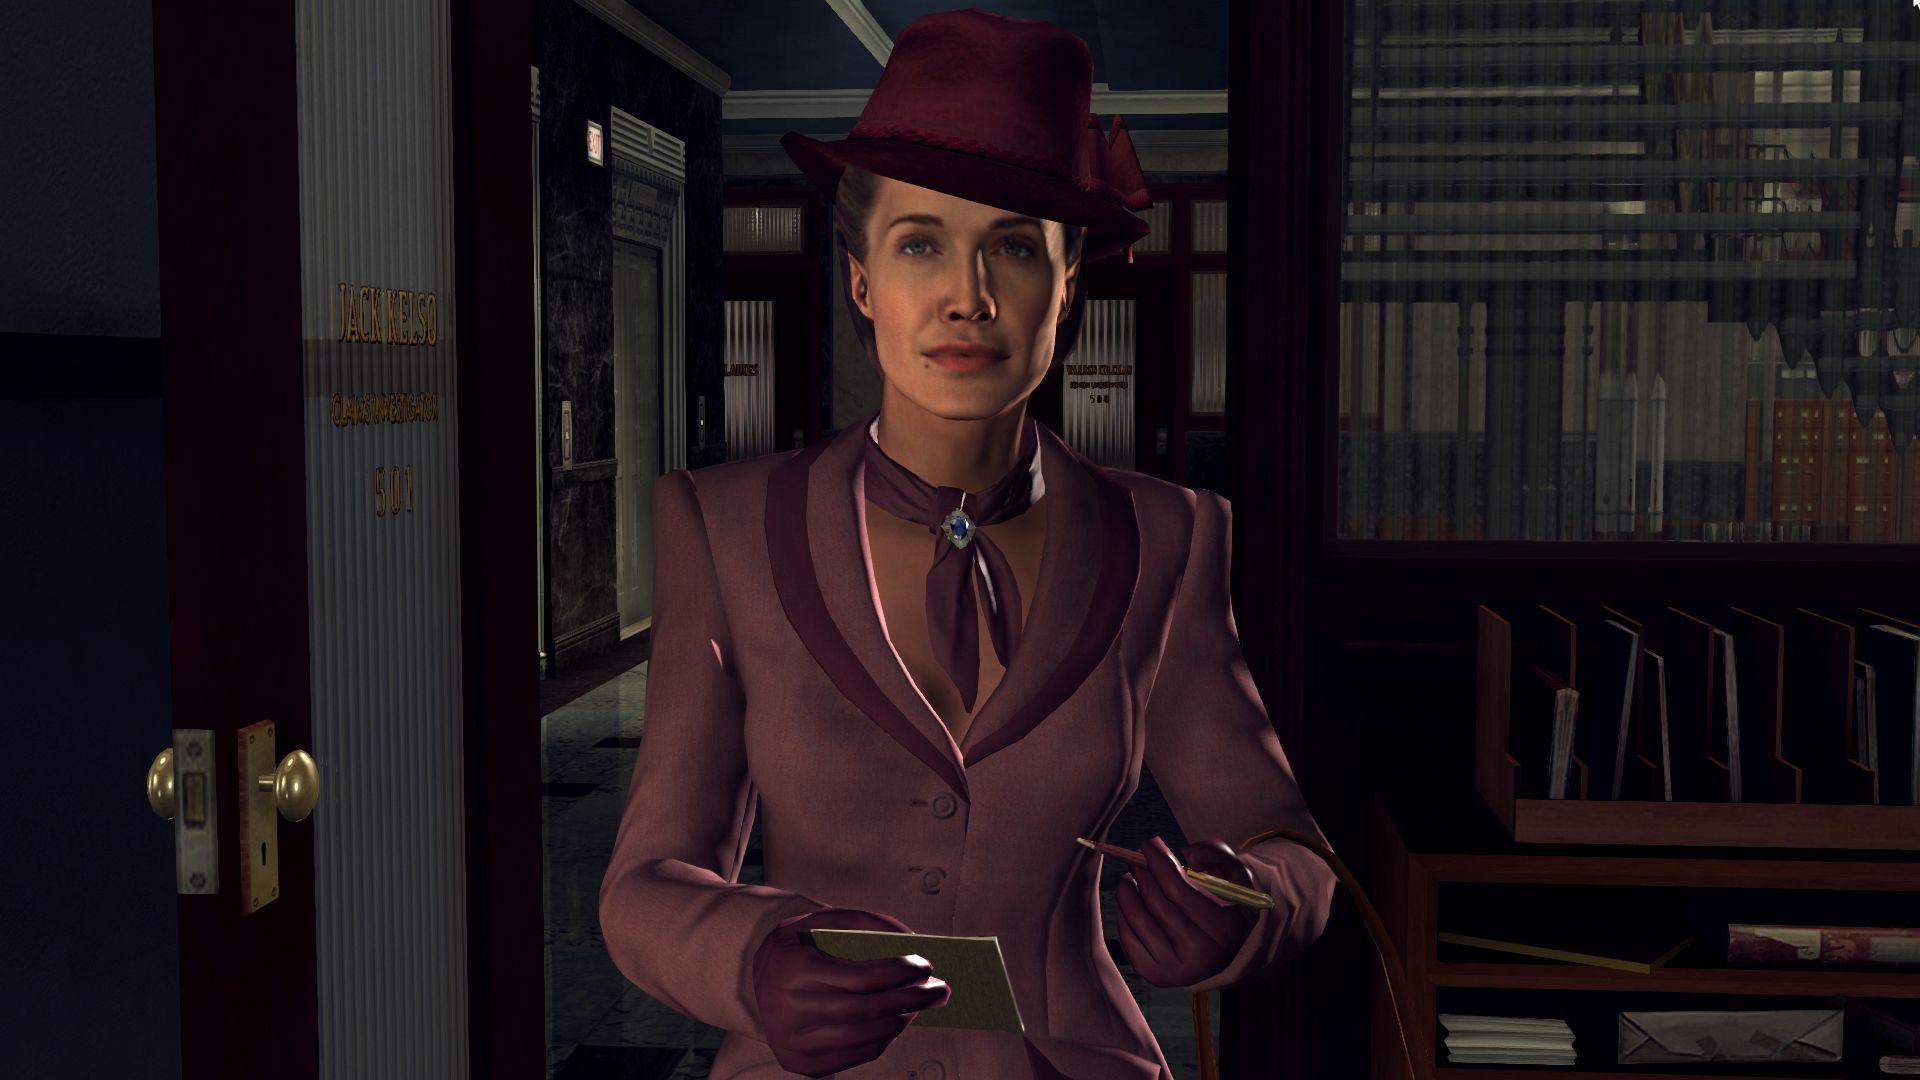 První obrázky z PC verze L.A. Noire 52704